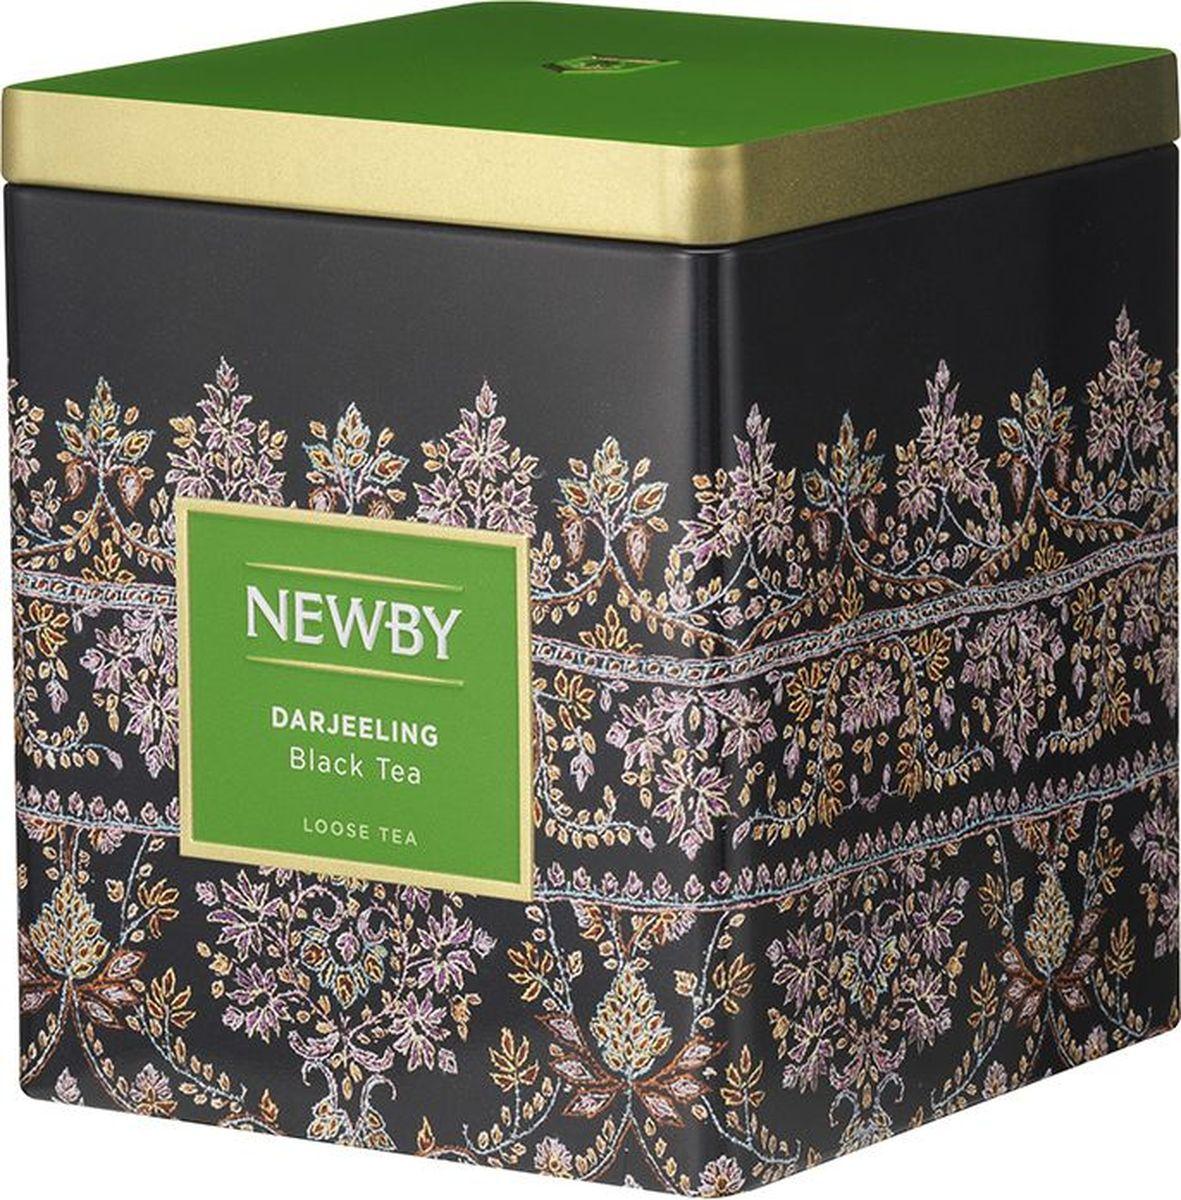 Newby Darjeeling черный листовой чай, 125 г цена в Москве и Питере